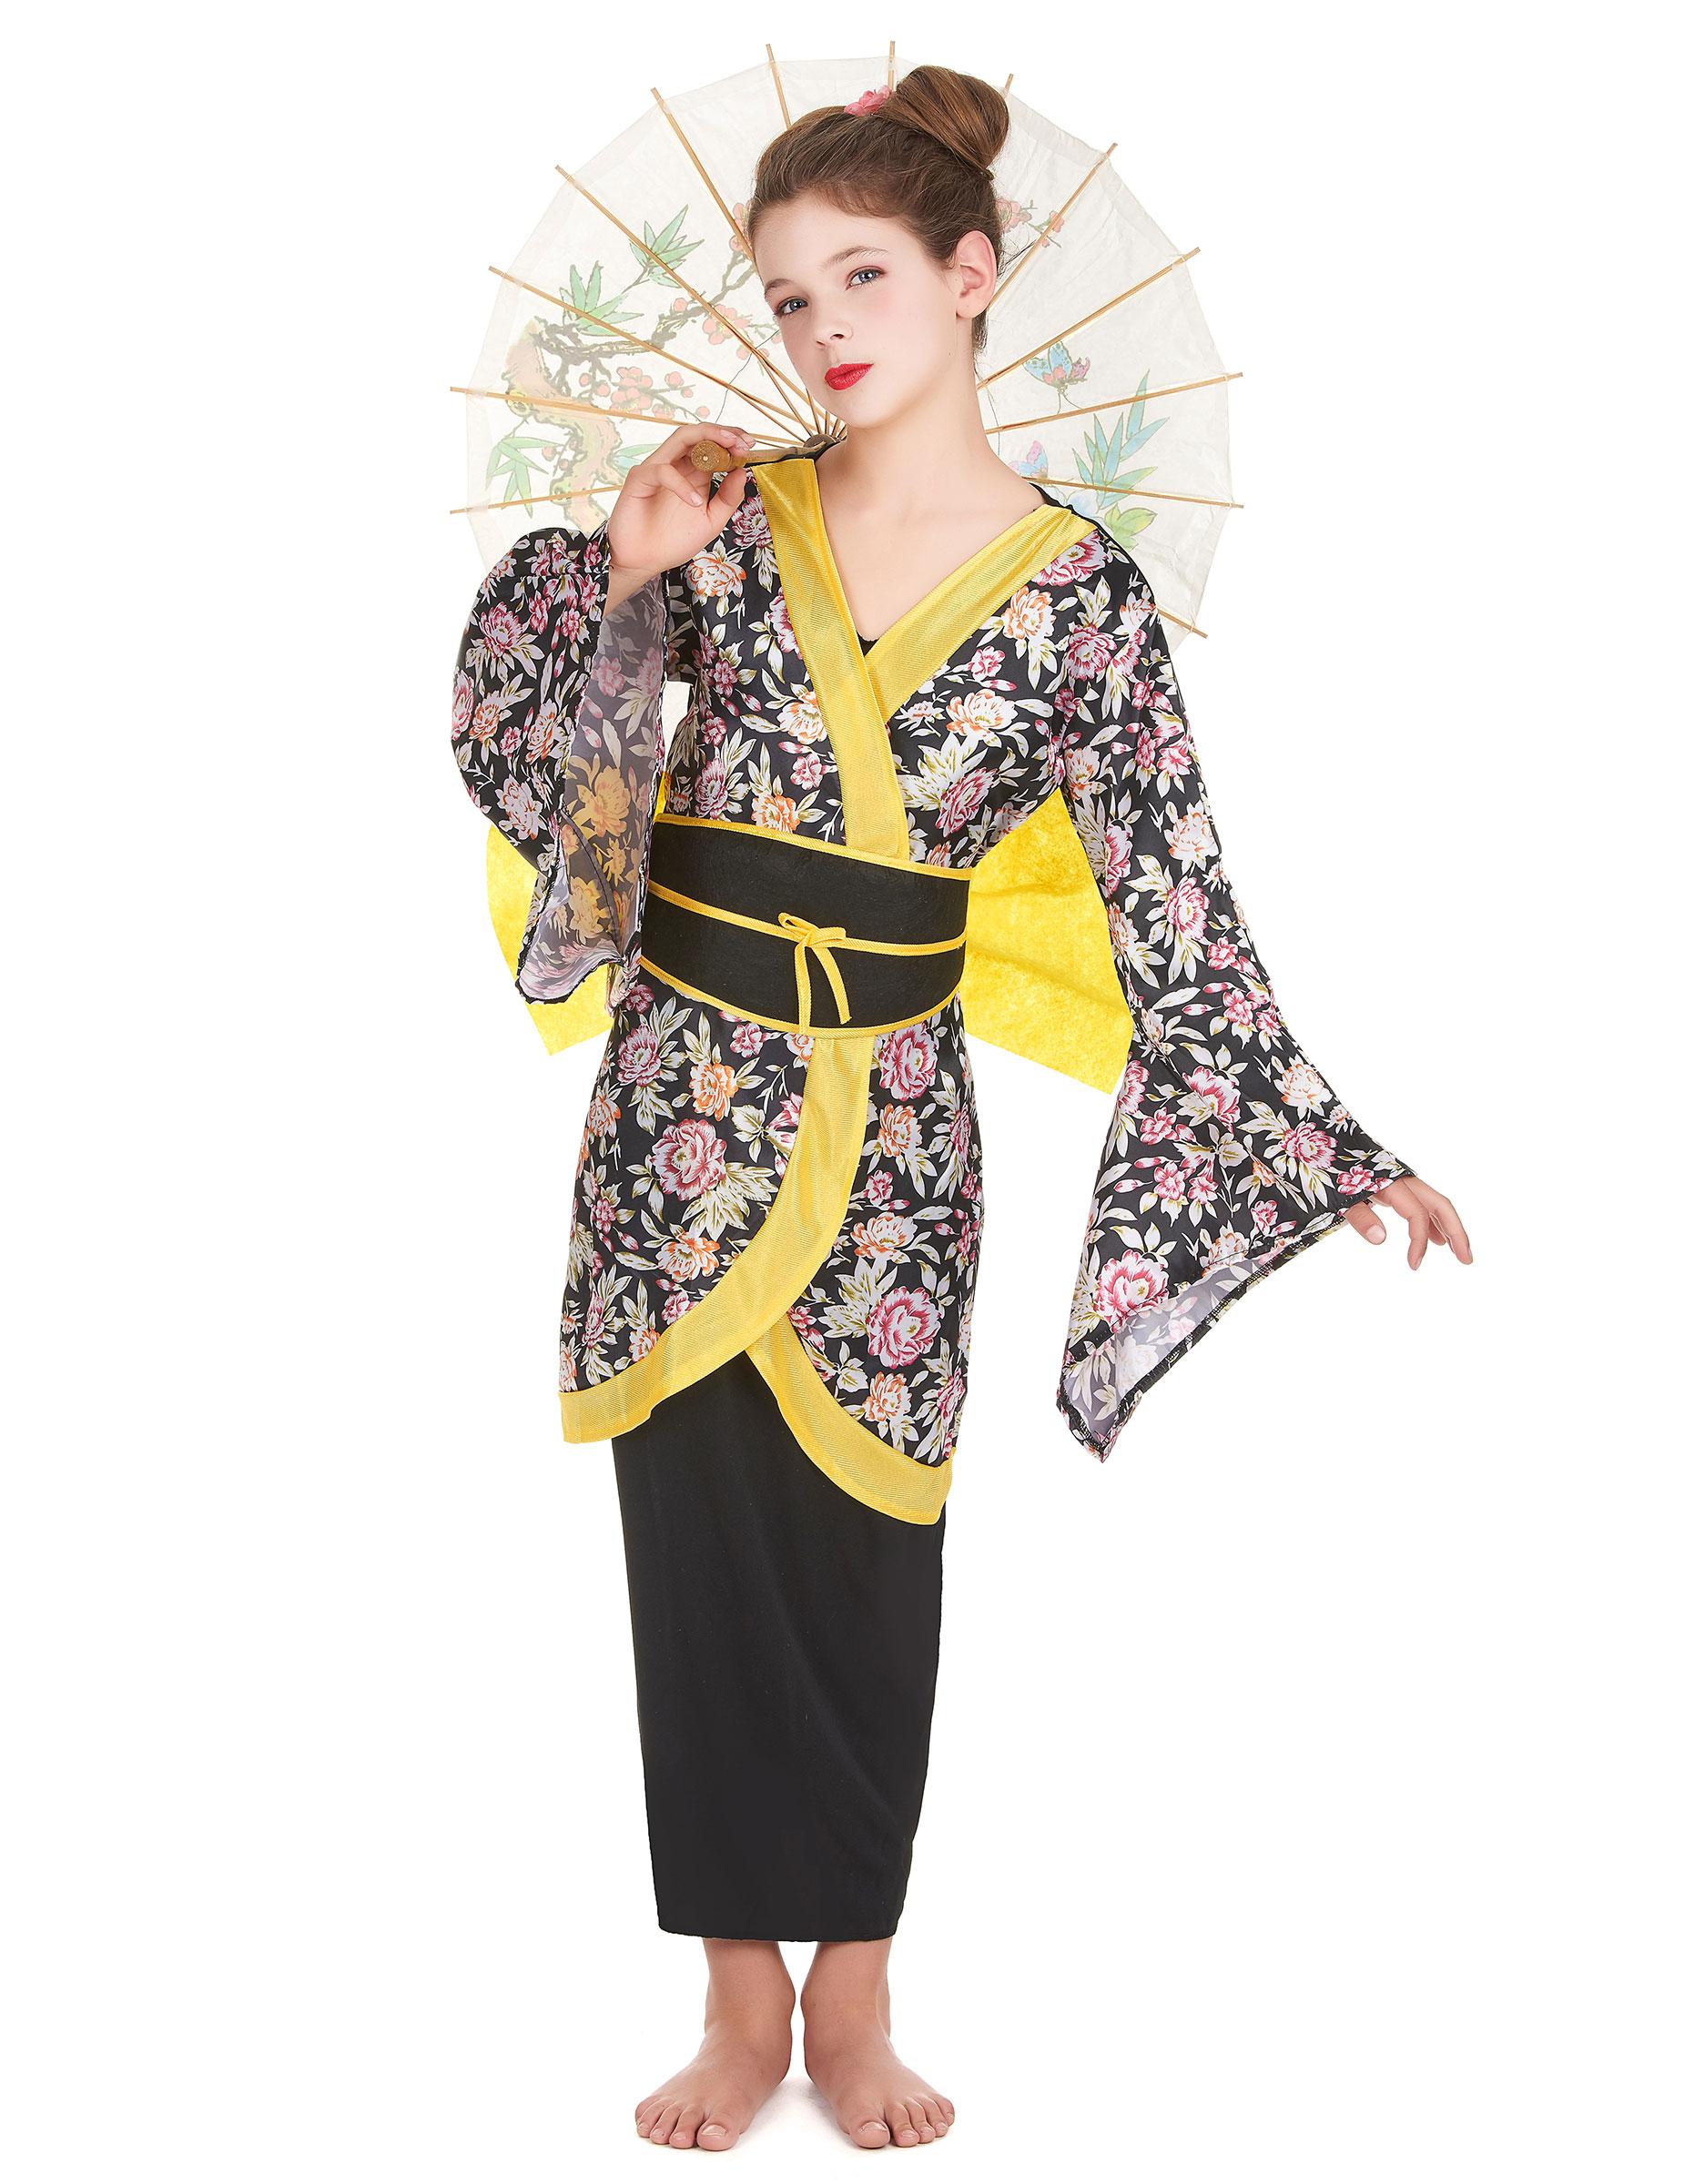 Kimono Yukata Market Sakura is one of the largest online kimono stores in the world. We have 10, fans in over 77 countries and they enjoy our kimonos every day. We always stock more than 1, designs of yukata kimonos, traditional Japanese kimonos, obi belts, hakama pants, and so on.